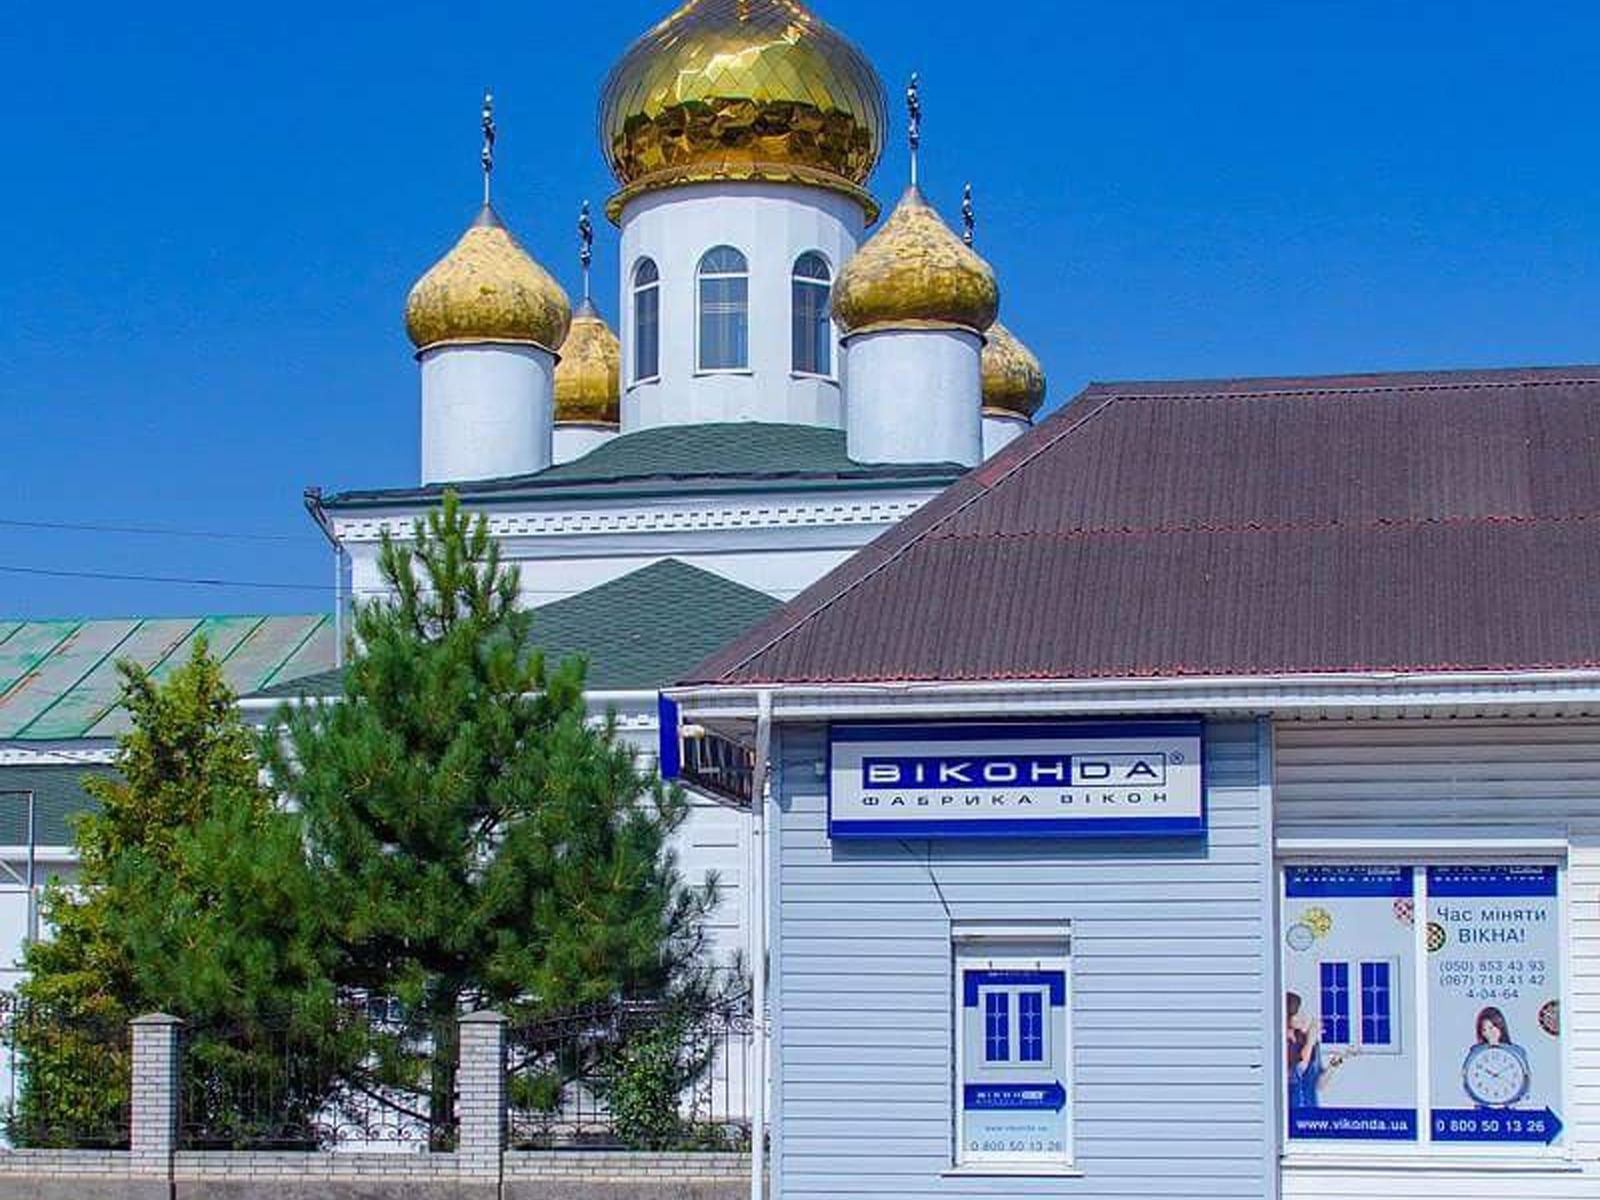 салон Віконда у Вільнянську